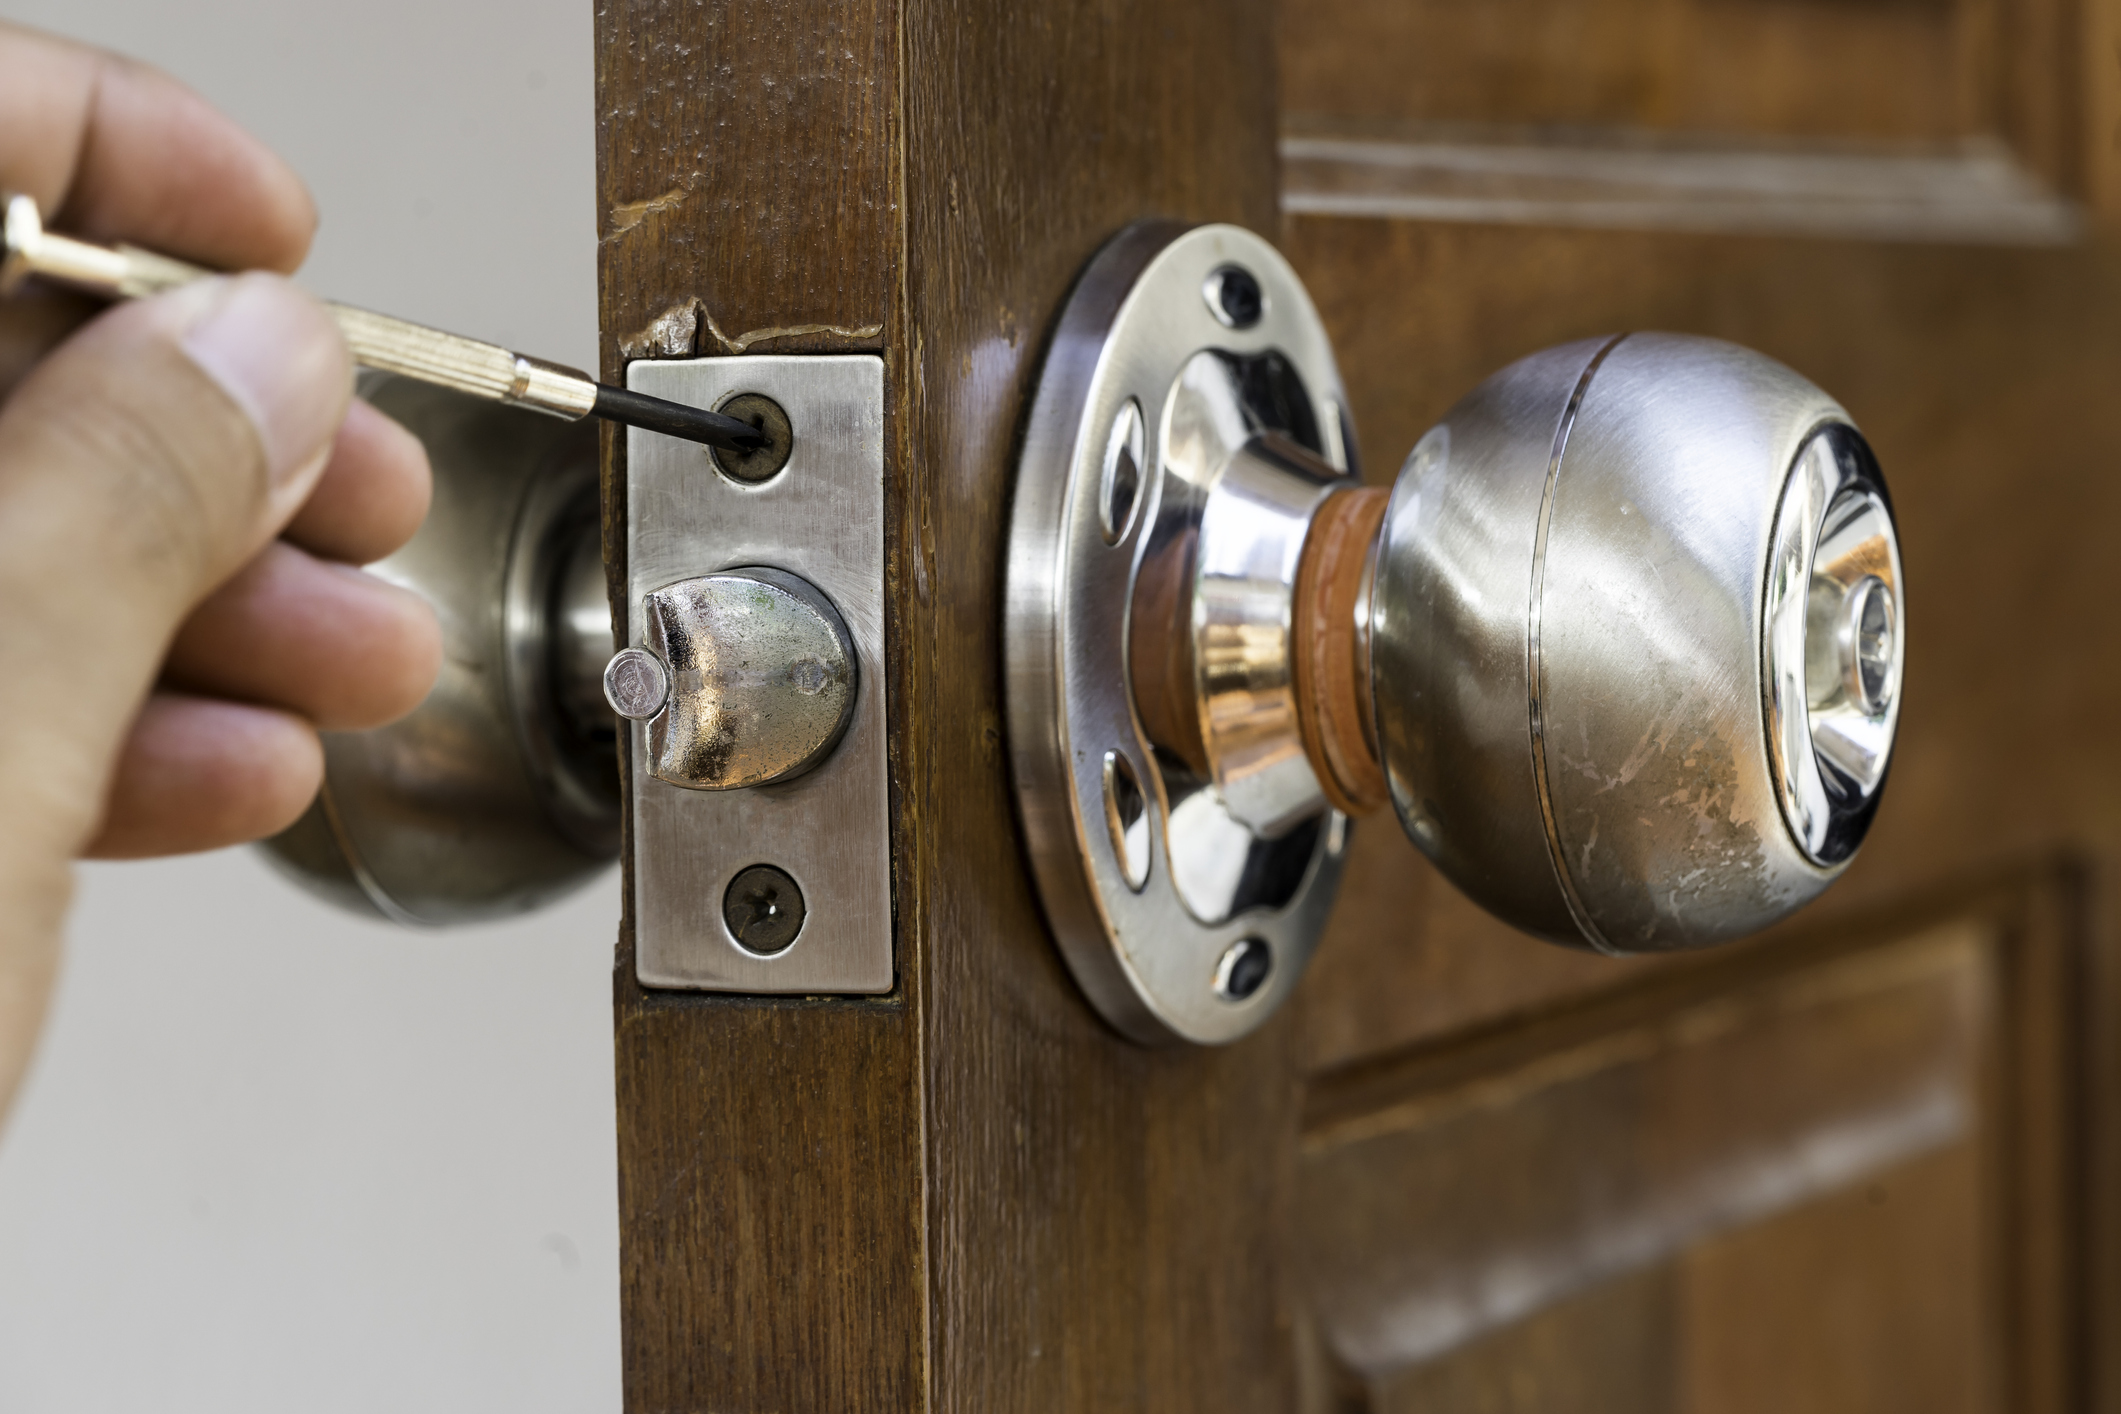 L'entretien de la serrure d'une porte intérieure